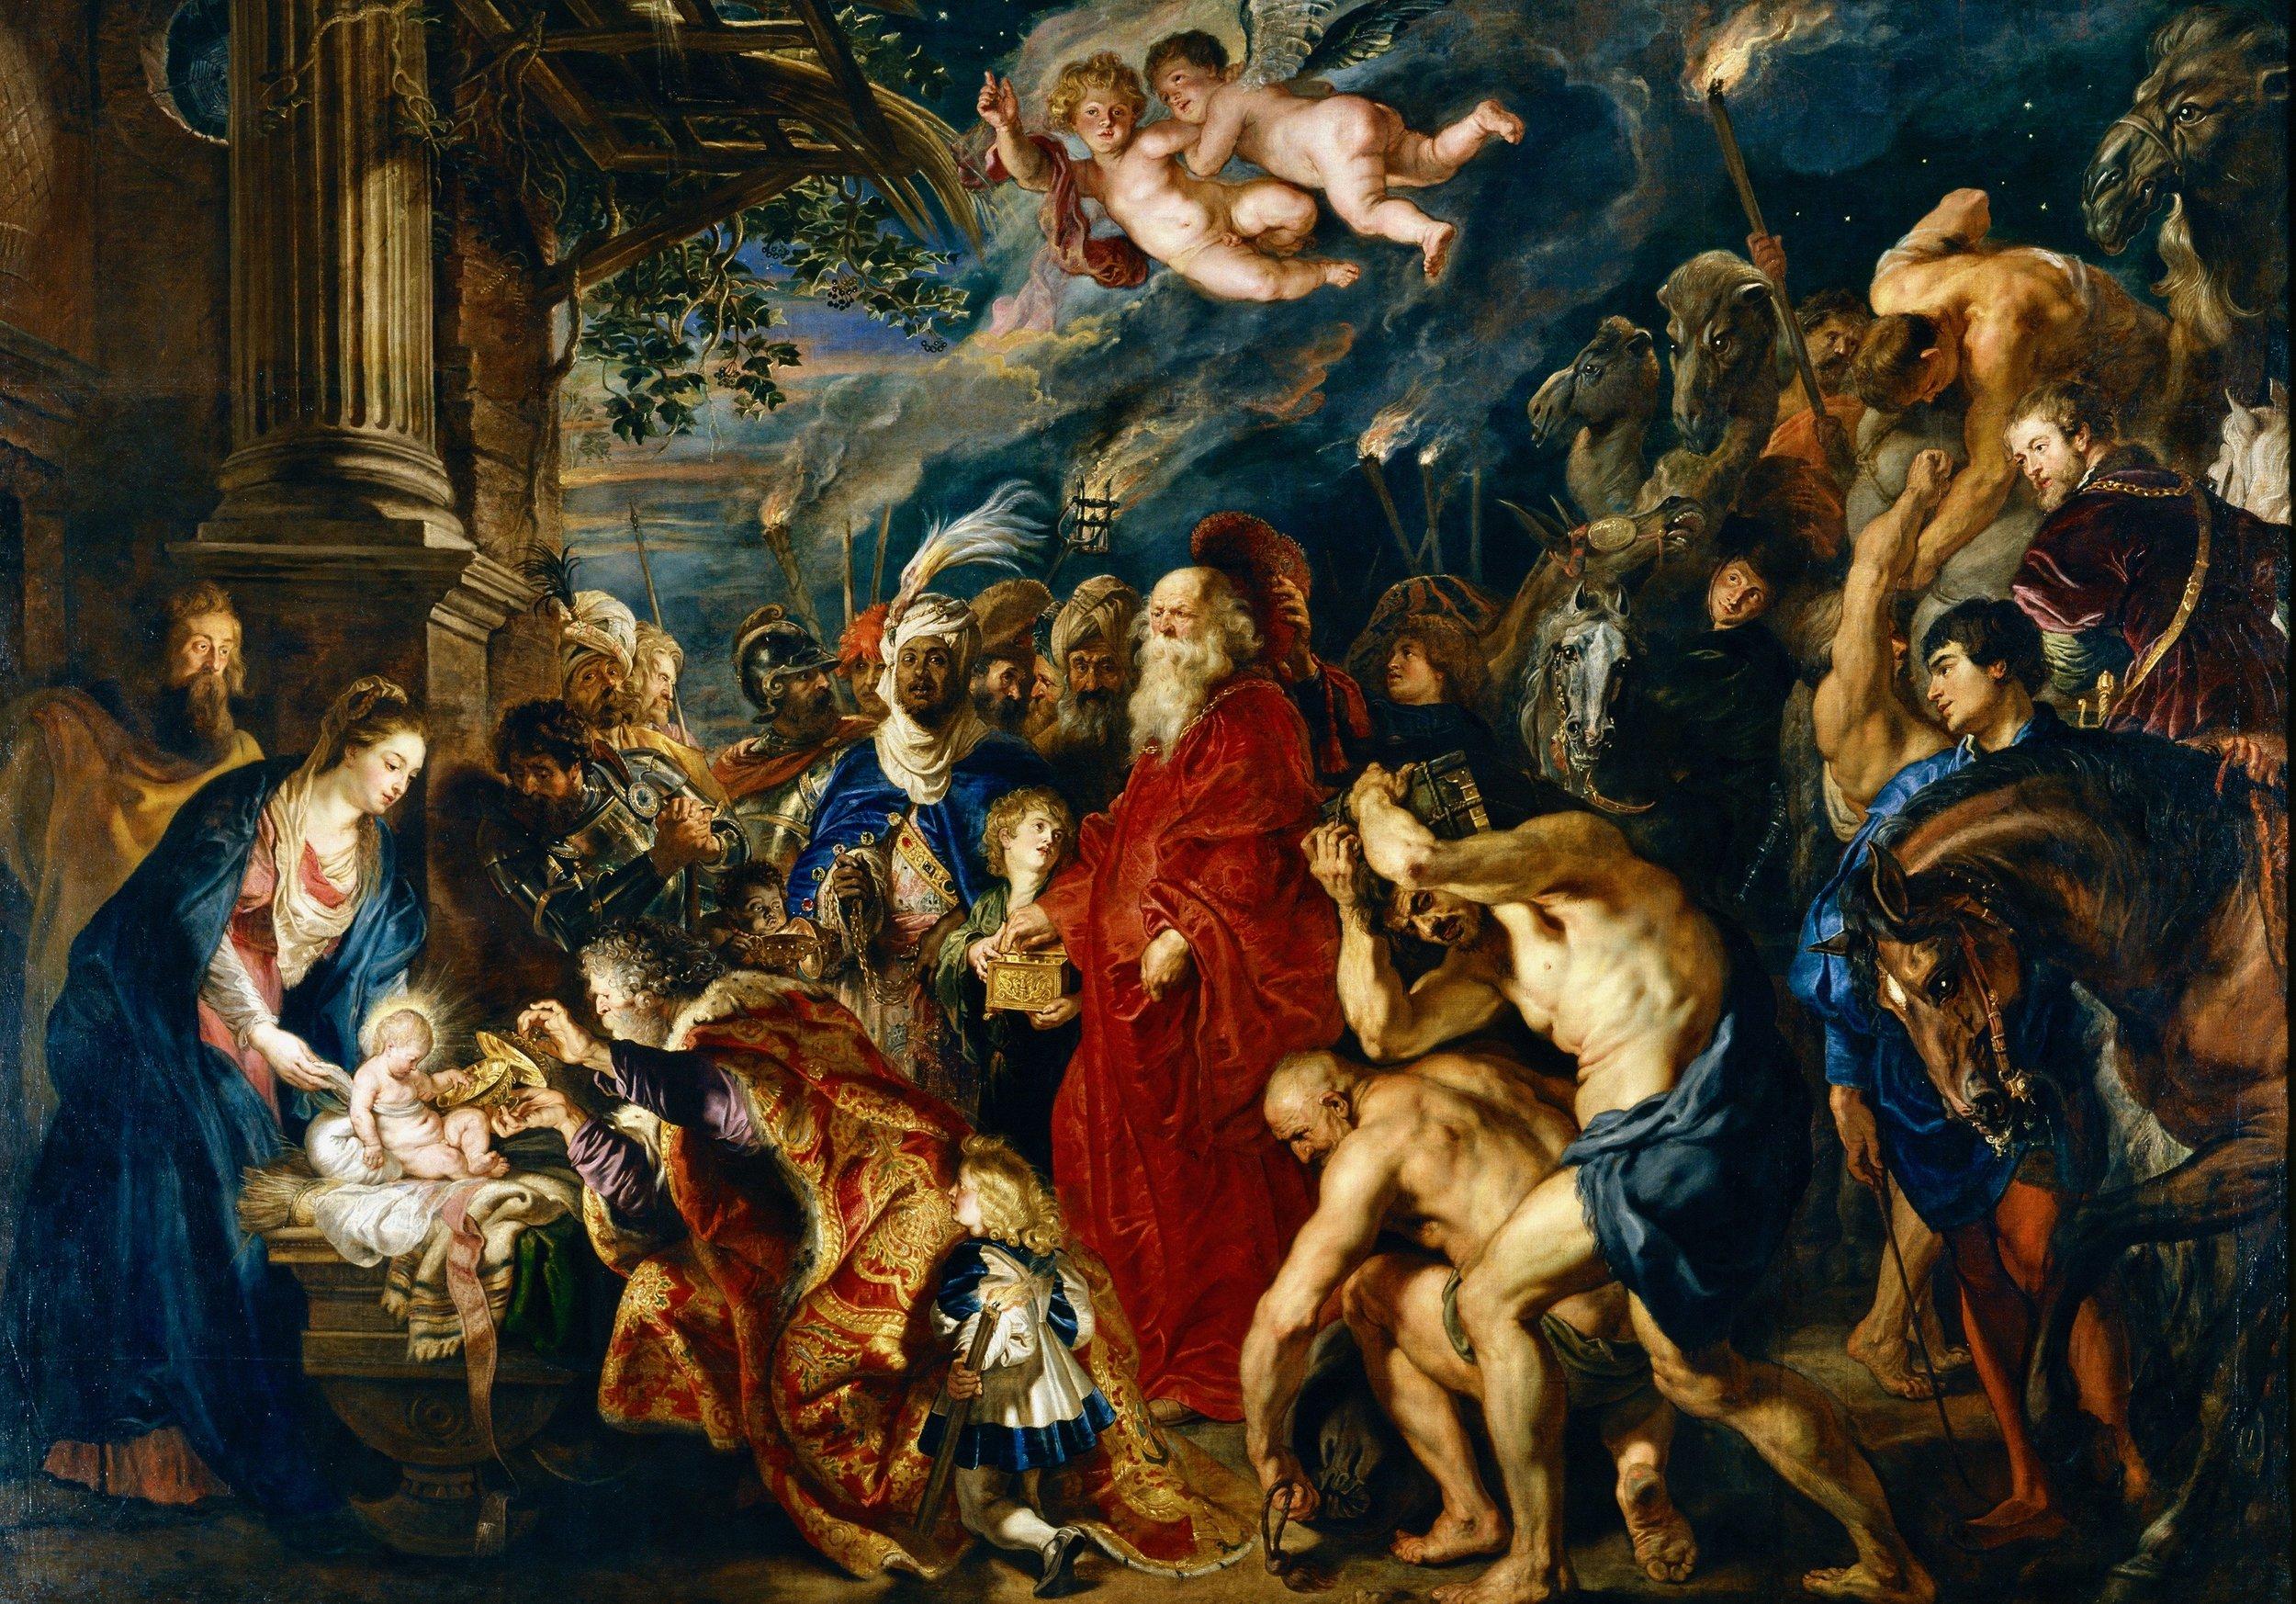 La adoración de los Reyes Magos. Rubens. Óleo sobre lienzo.Museo del Prado (Madrid). Año 1629.